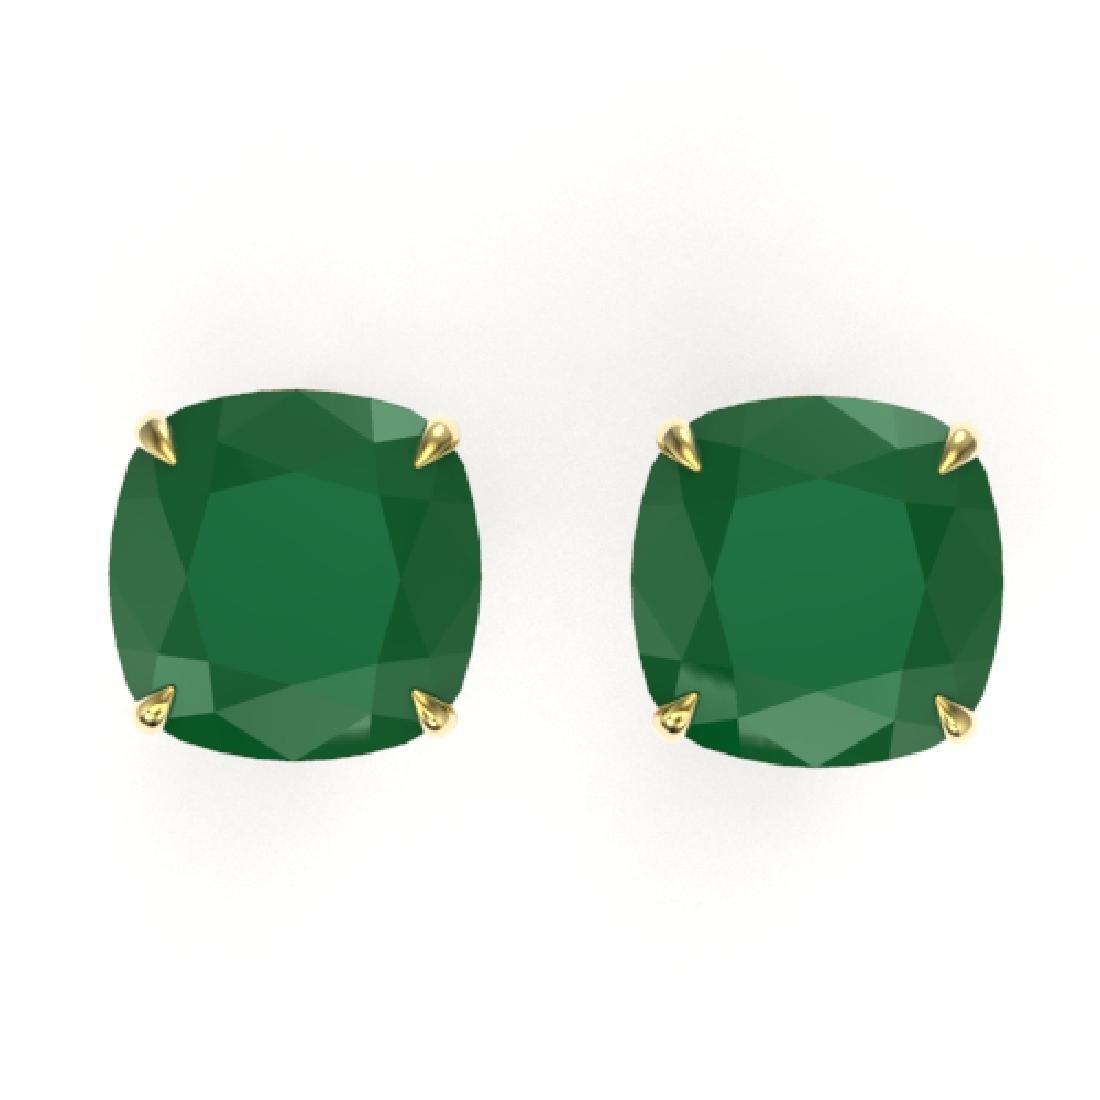 12 CTW Cushion Cut Emerald Designer Solitaire Stud